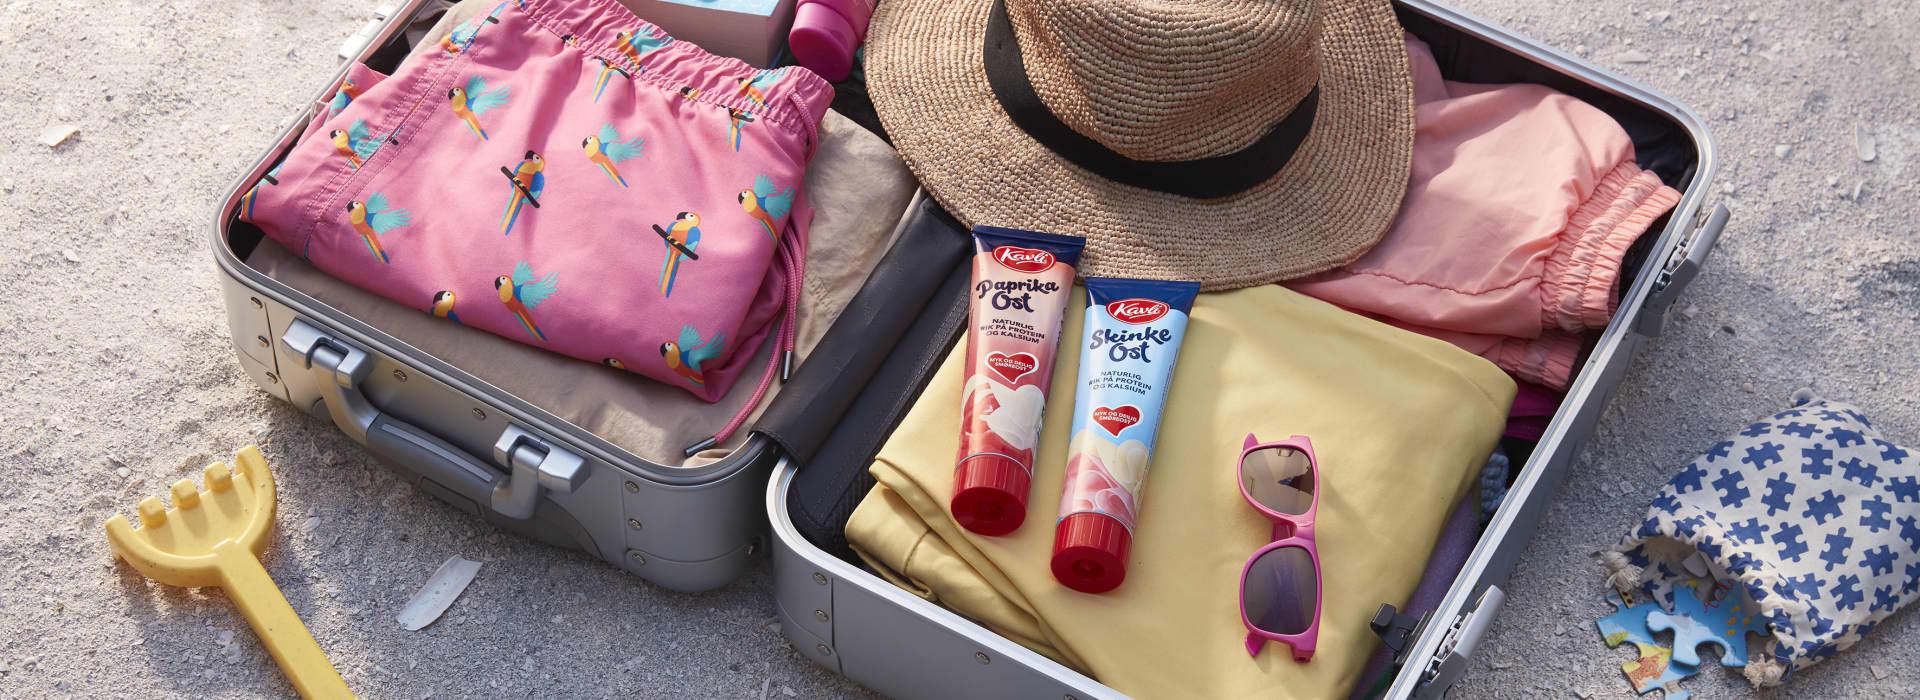 Fullpakket feriekoffert med klær, lesestoff, solkrem, solhatt og Kavli smøreoster på tube.